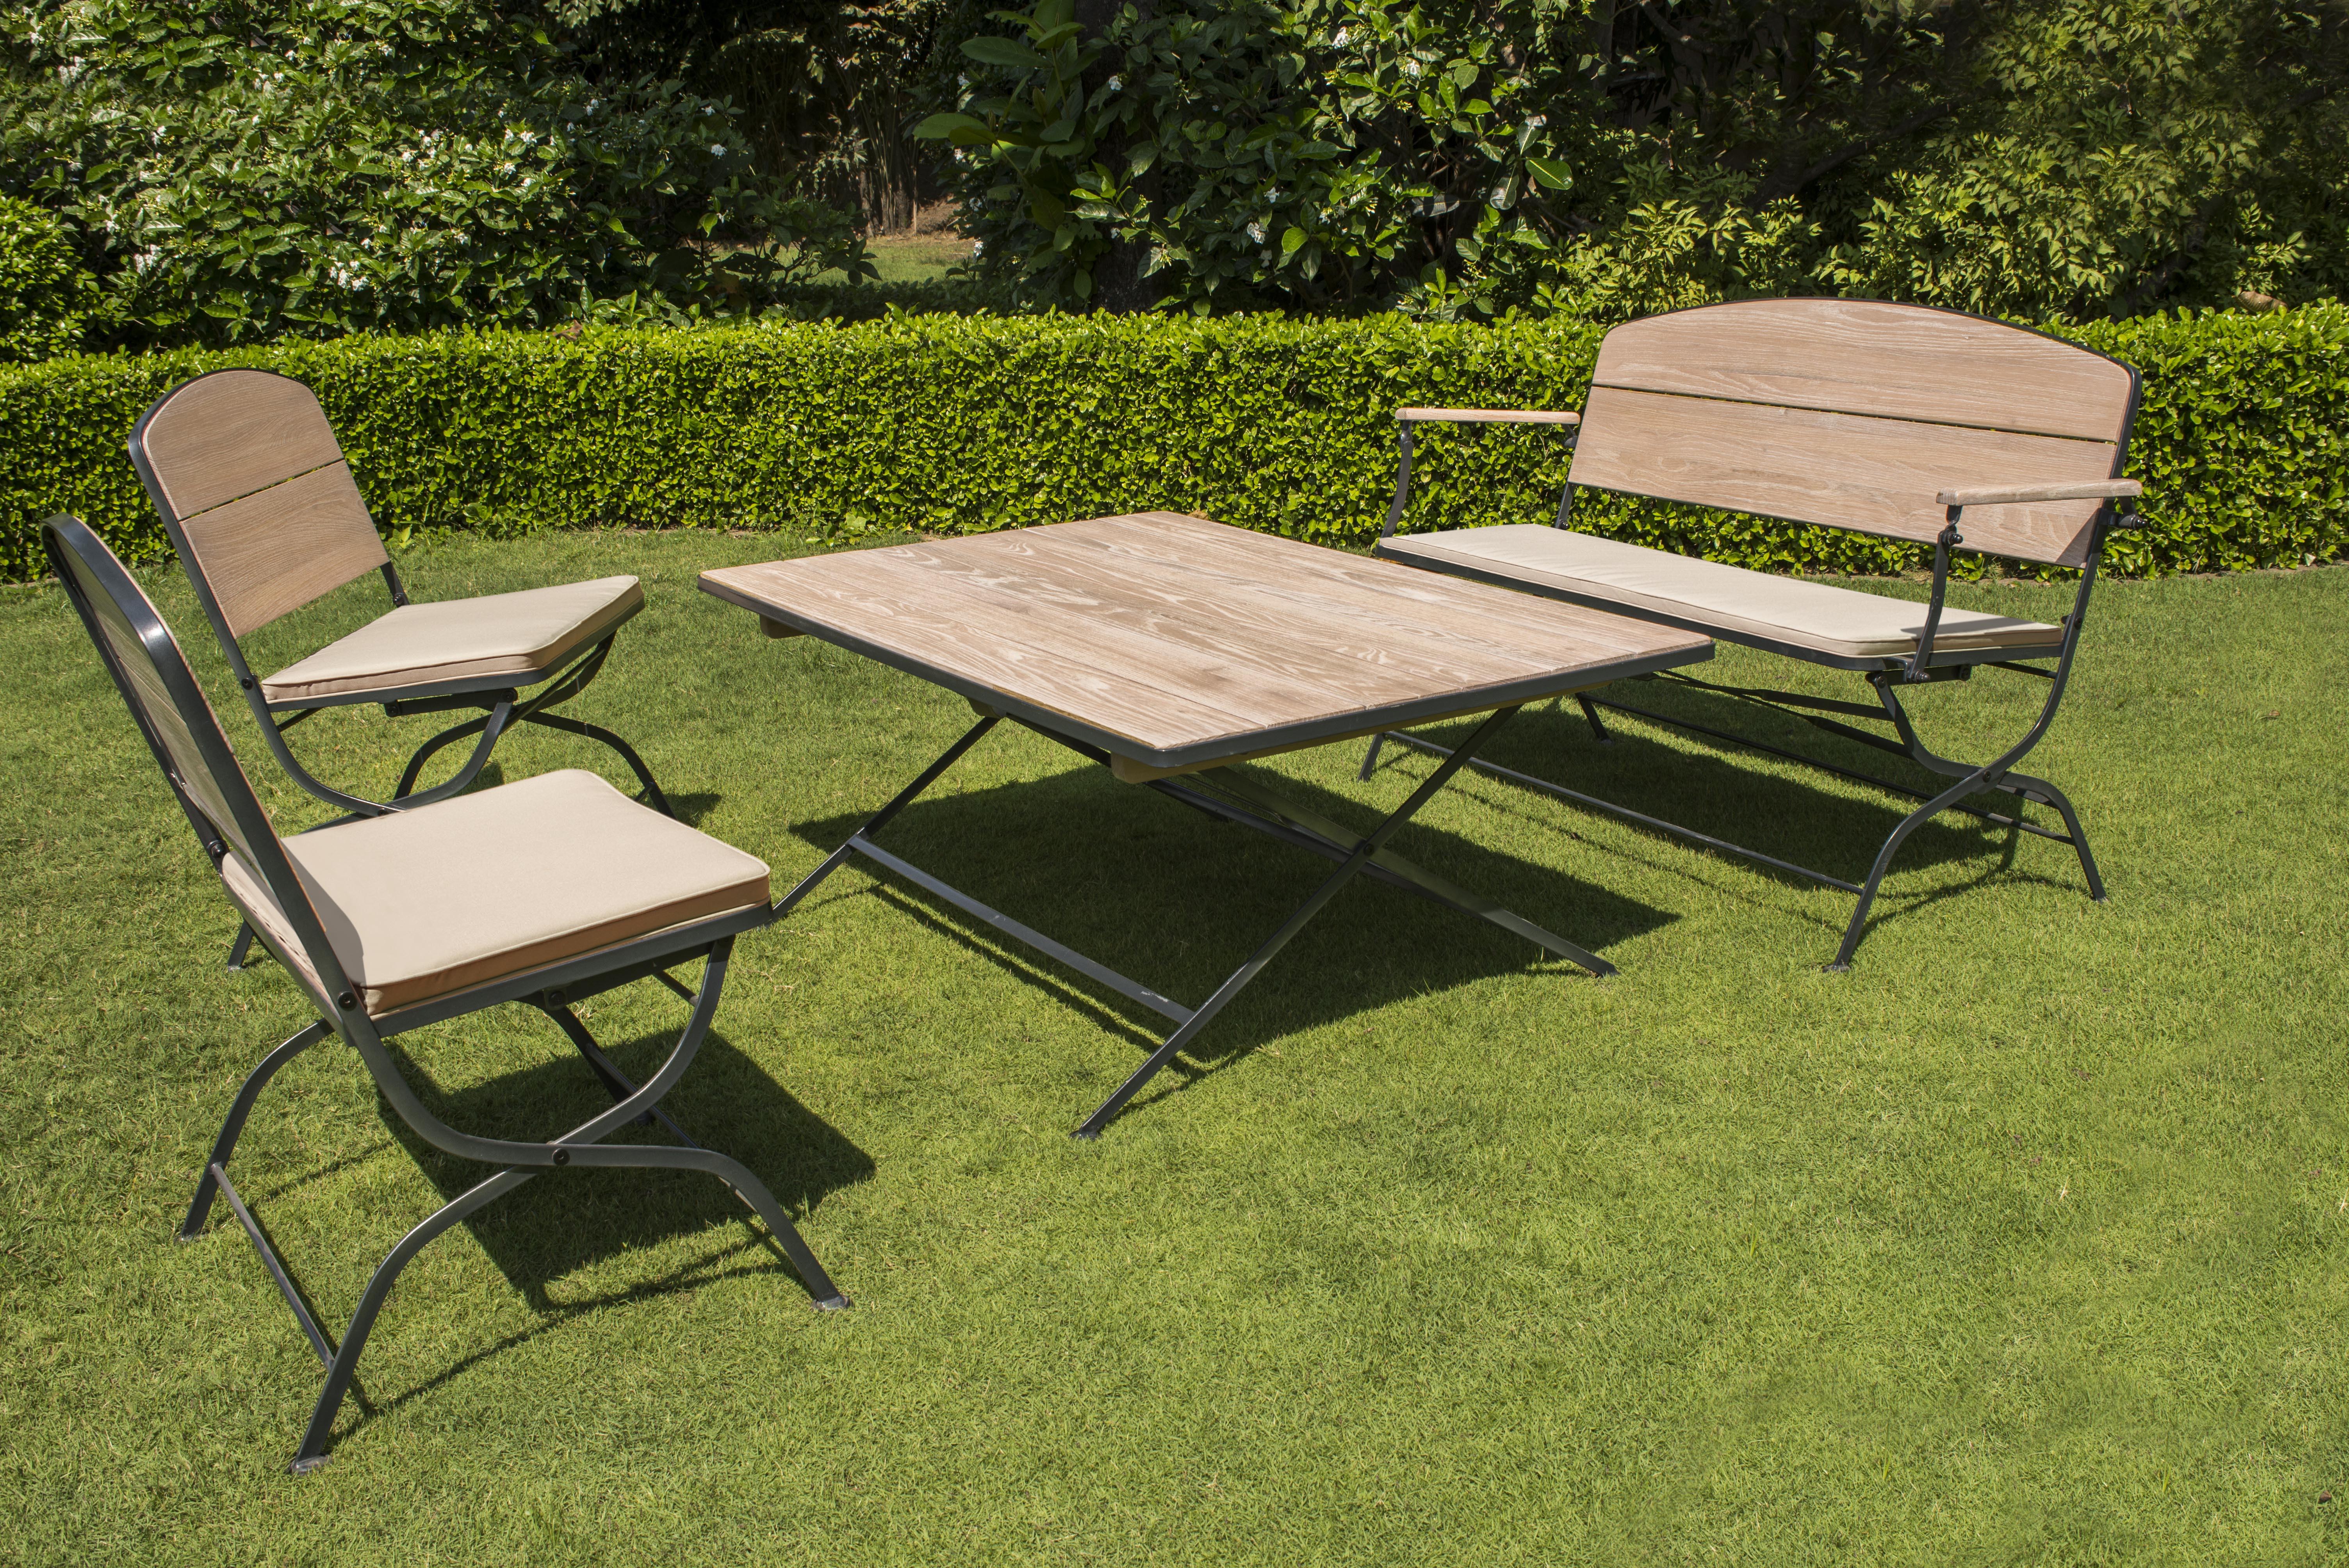 Leroy Merlin Coffre Jardin Beau Photos Banc Exterieur Leroy Merlin Idée Sur Le G Te – Sullivanmaxx